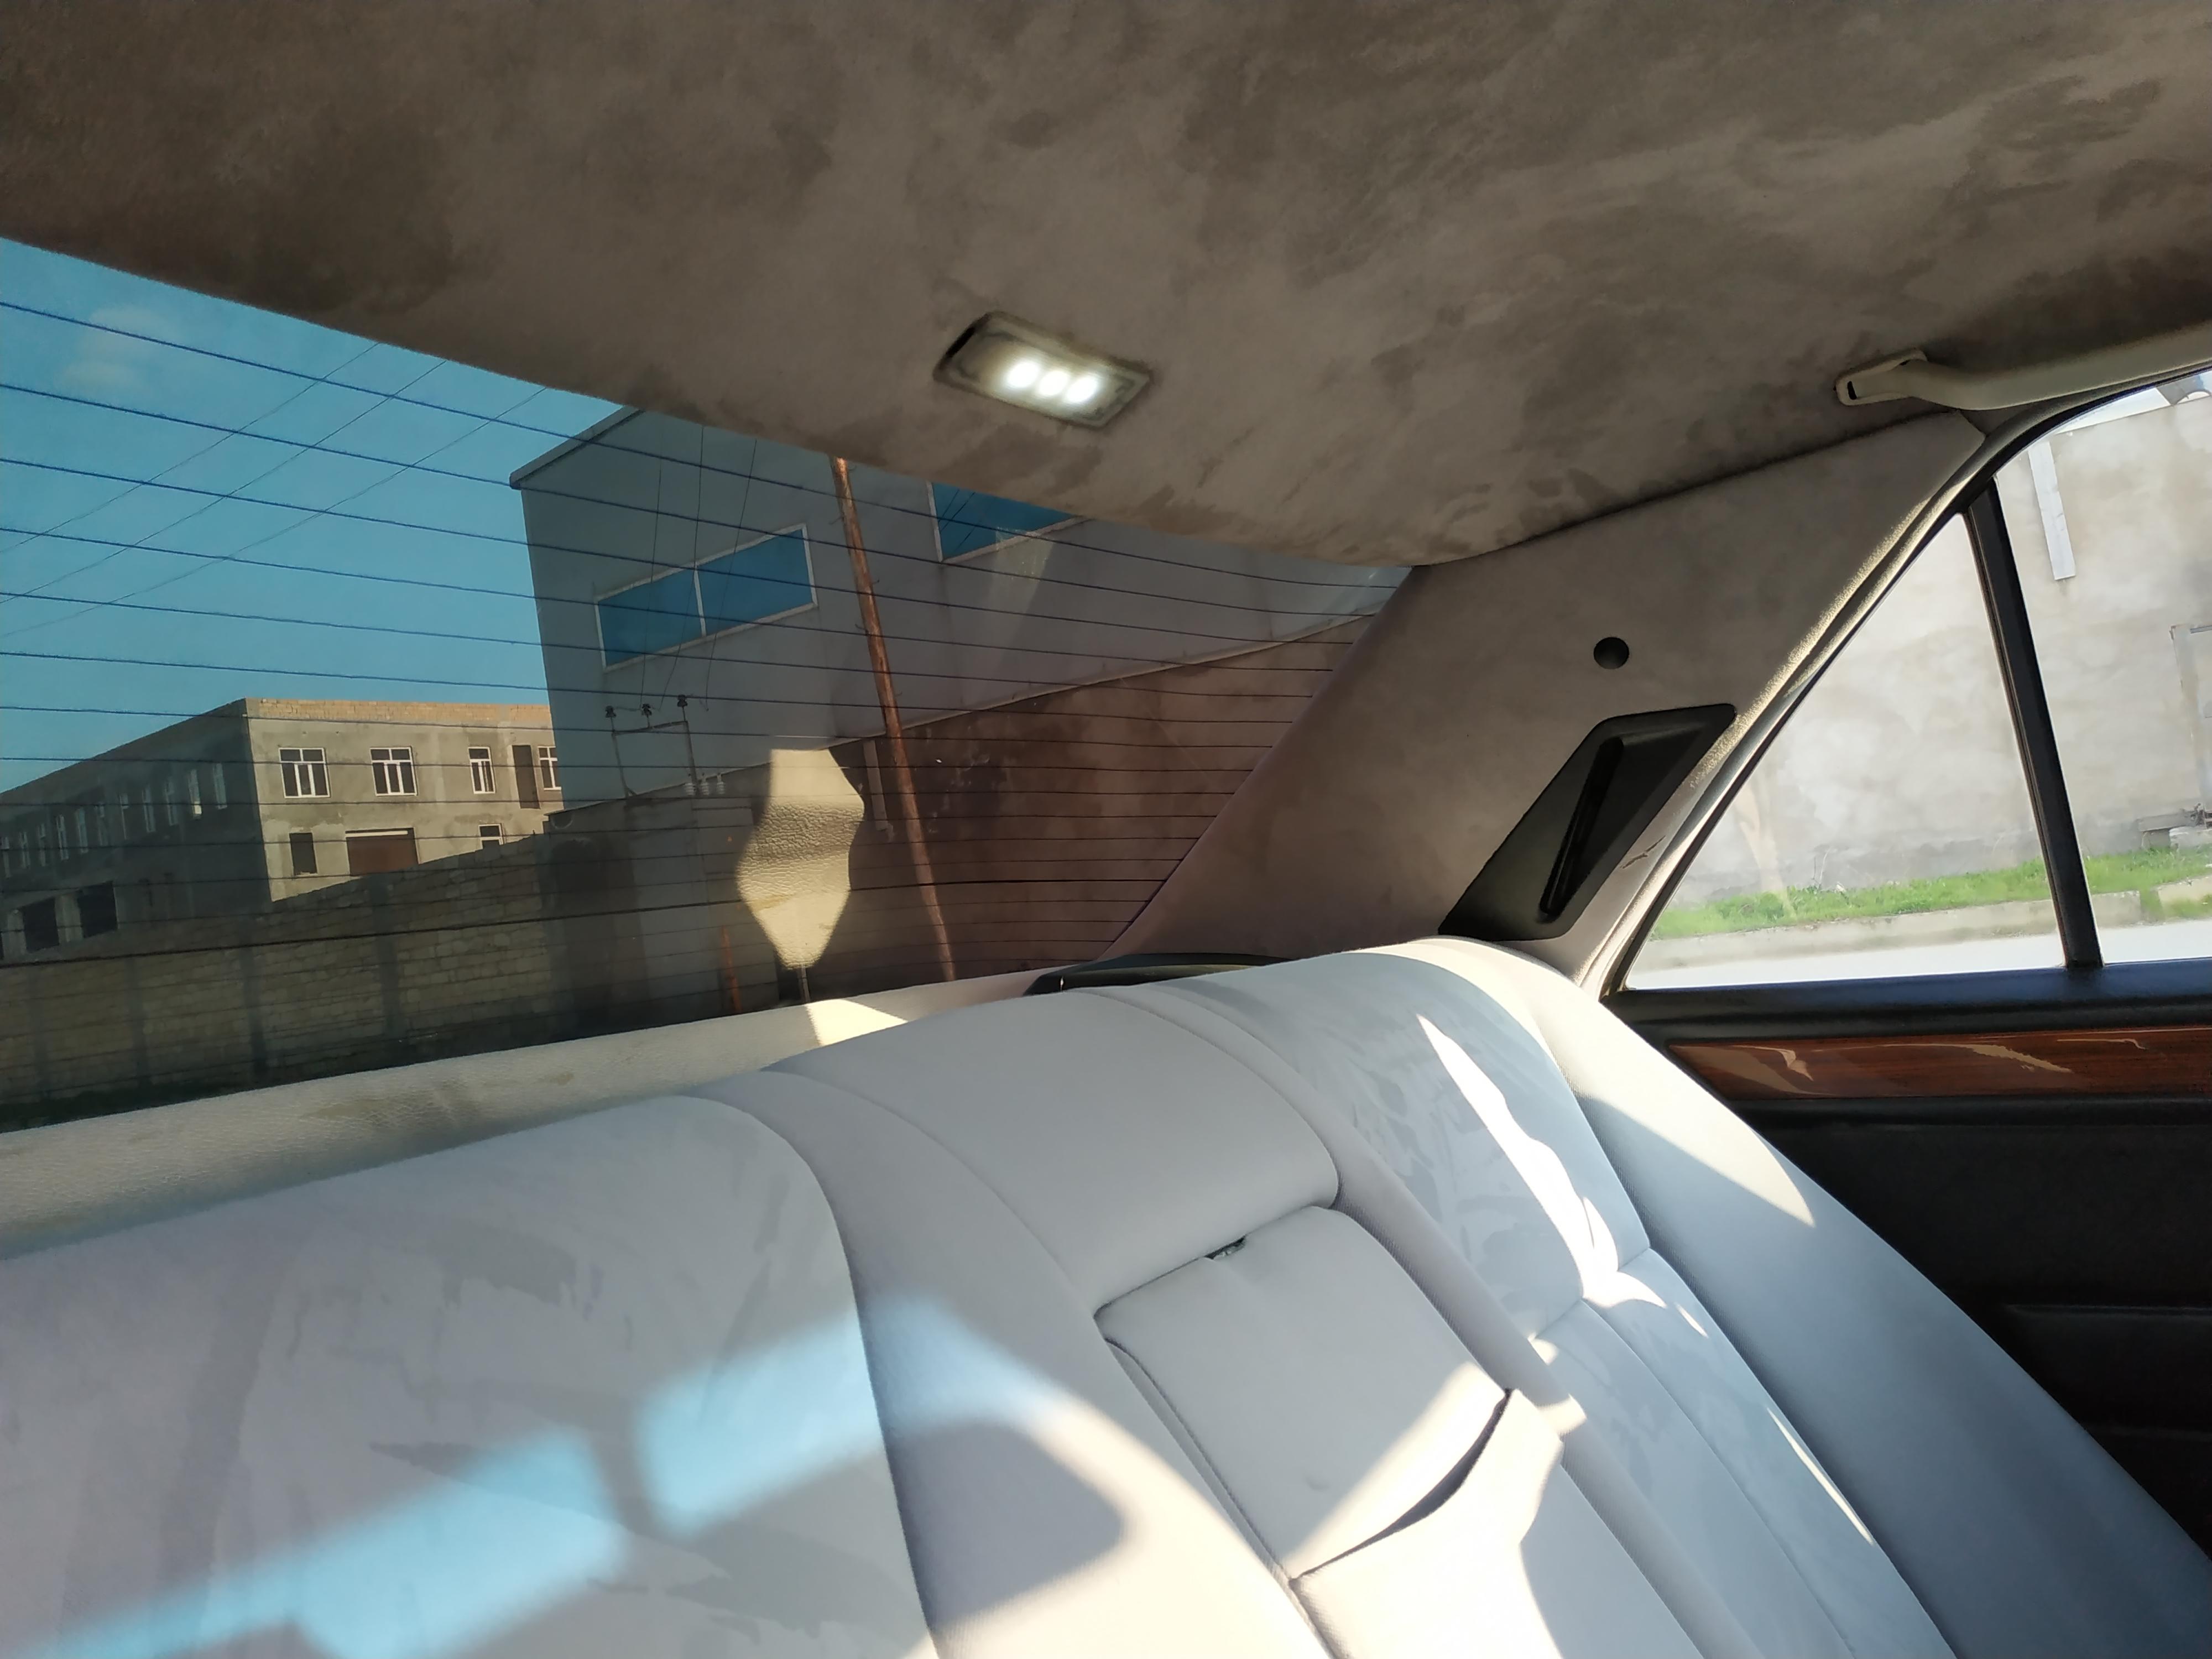 Mercedes-Benz E 250 2.5(lt) 1994 Second hand  $8800